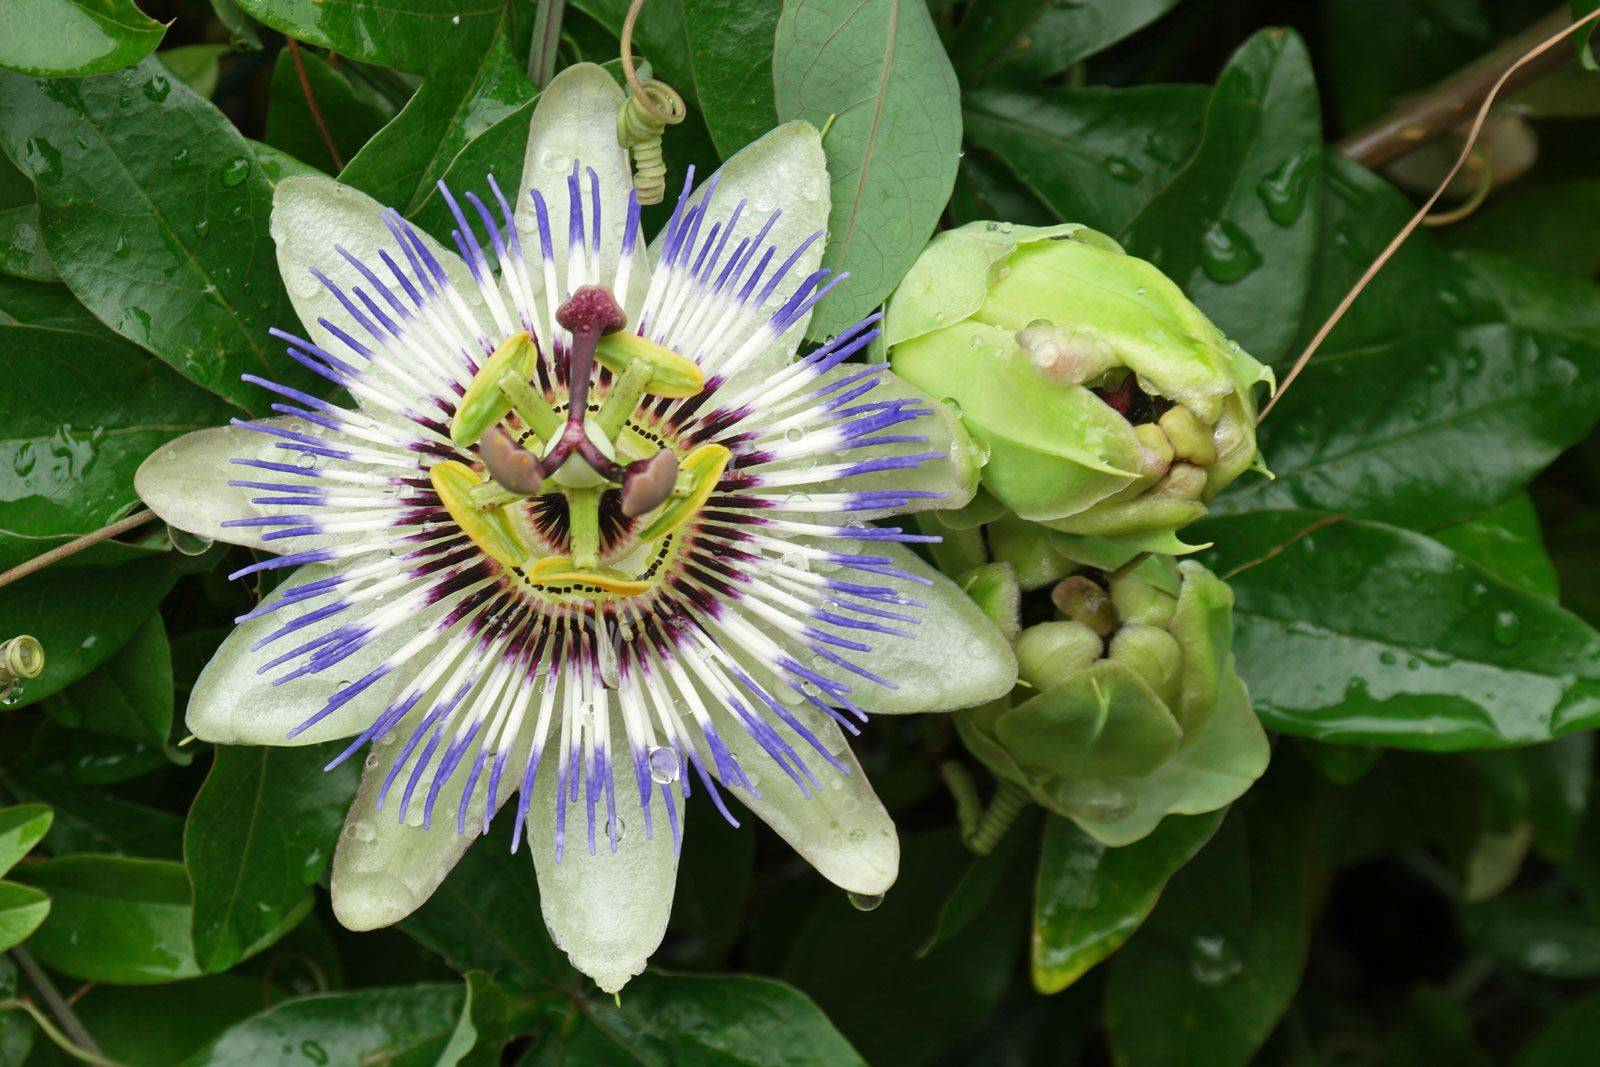 Выращивание пассифлоры: посадка, уход, размножения, условия для плодоношения маракуи | огородники